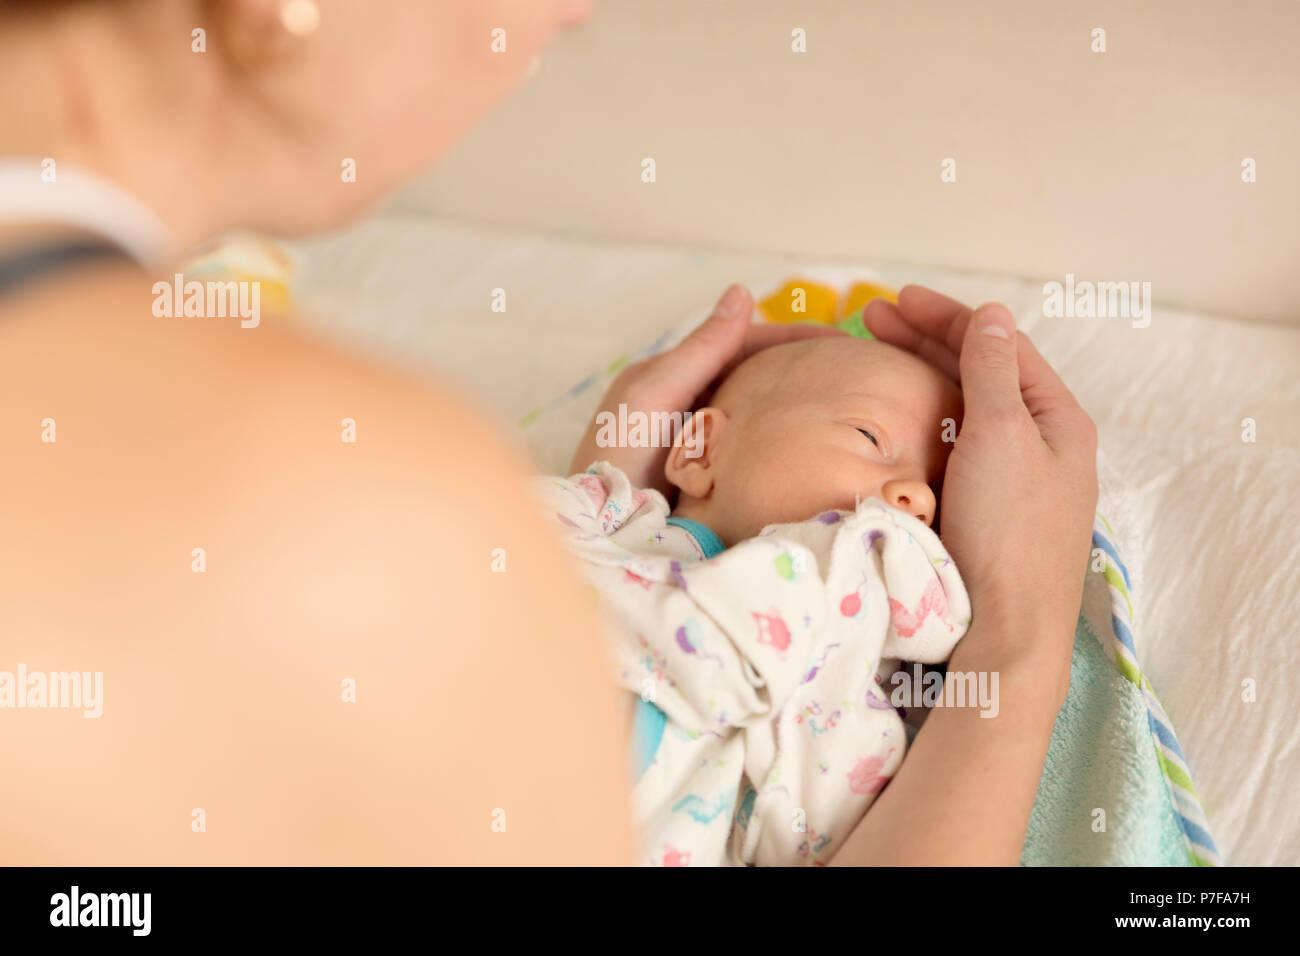 Mère réconforter un bébé nouveau-né après avoir changé une couche Photo Stock